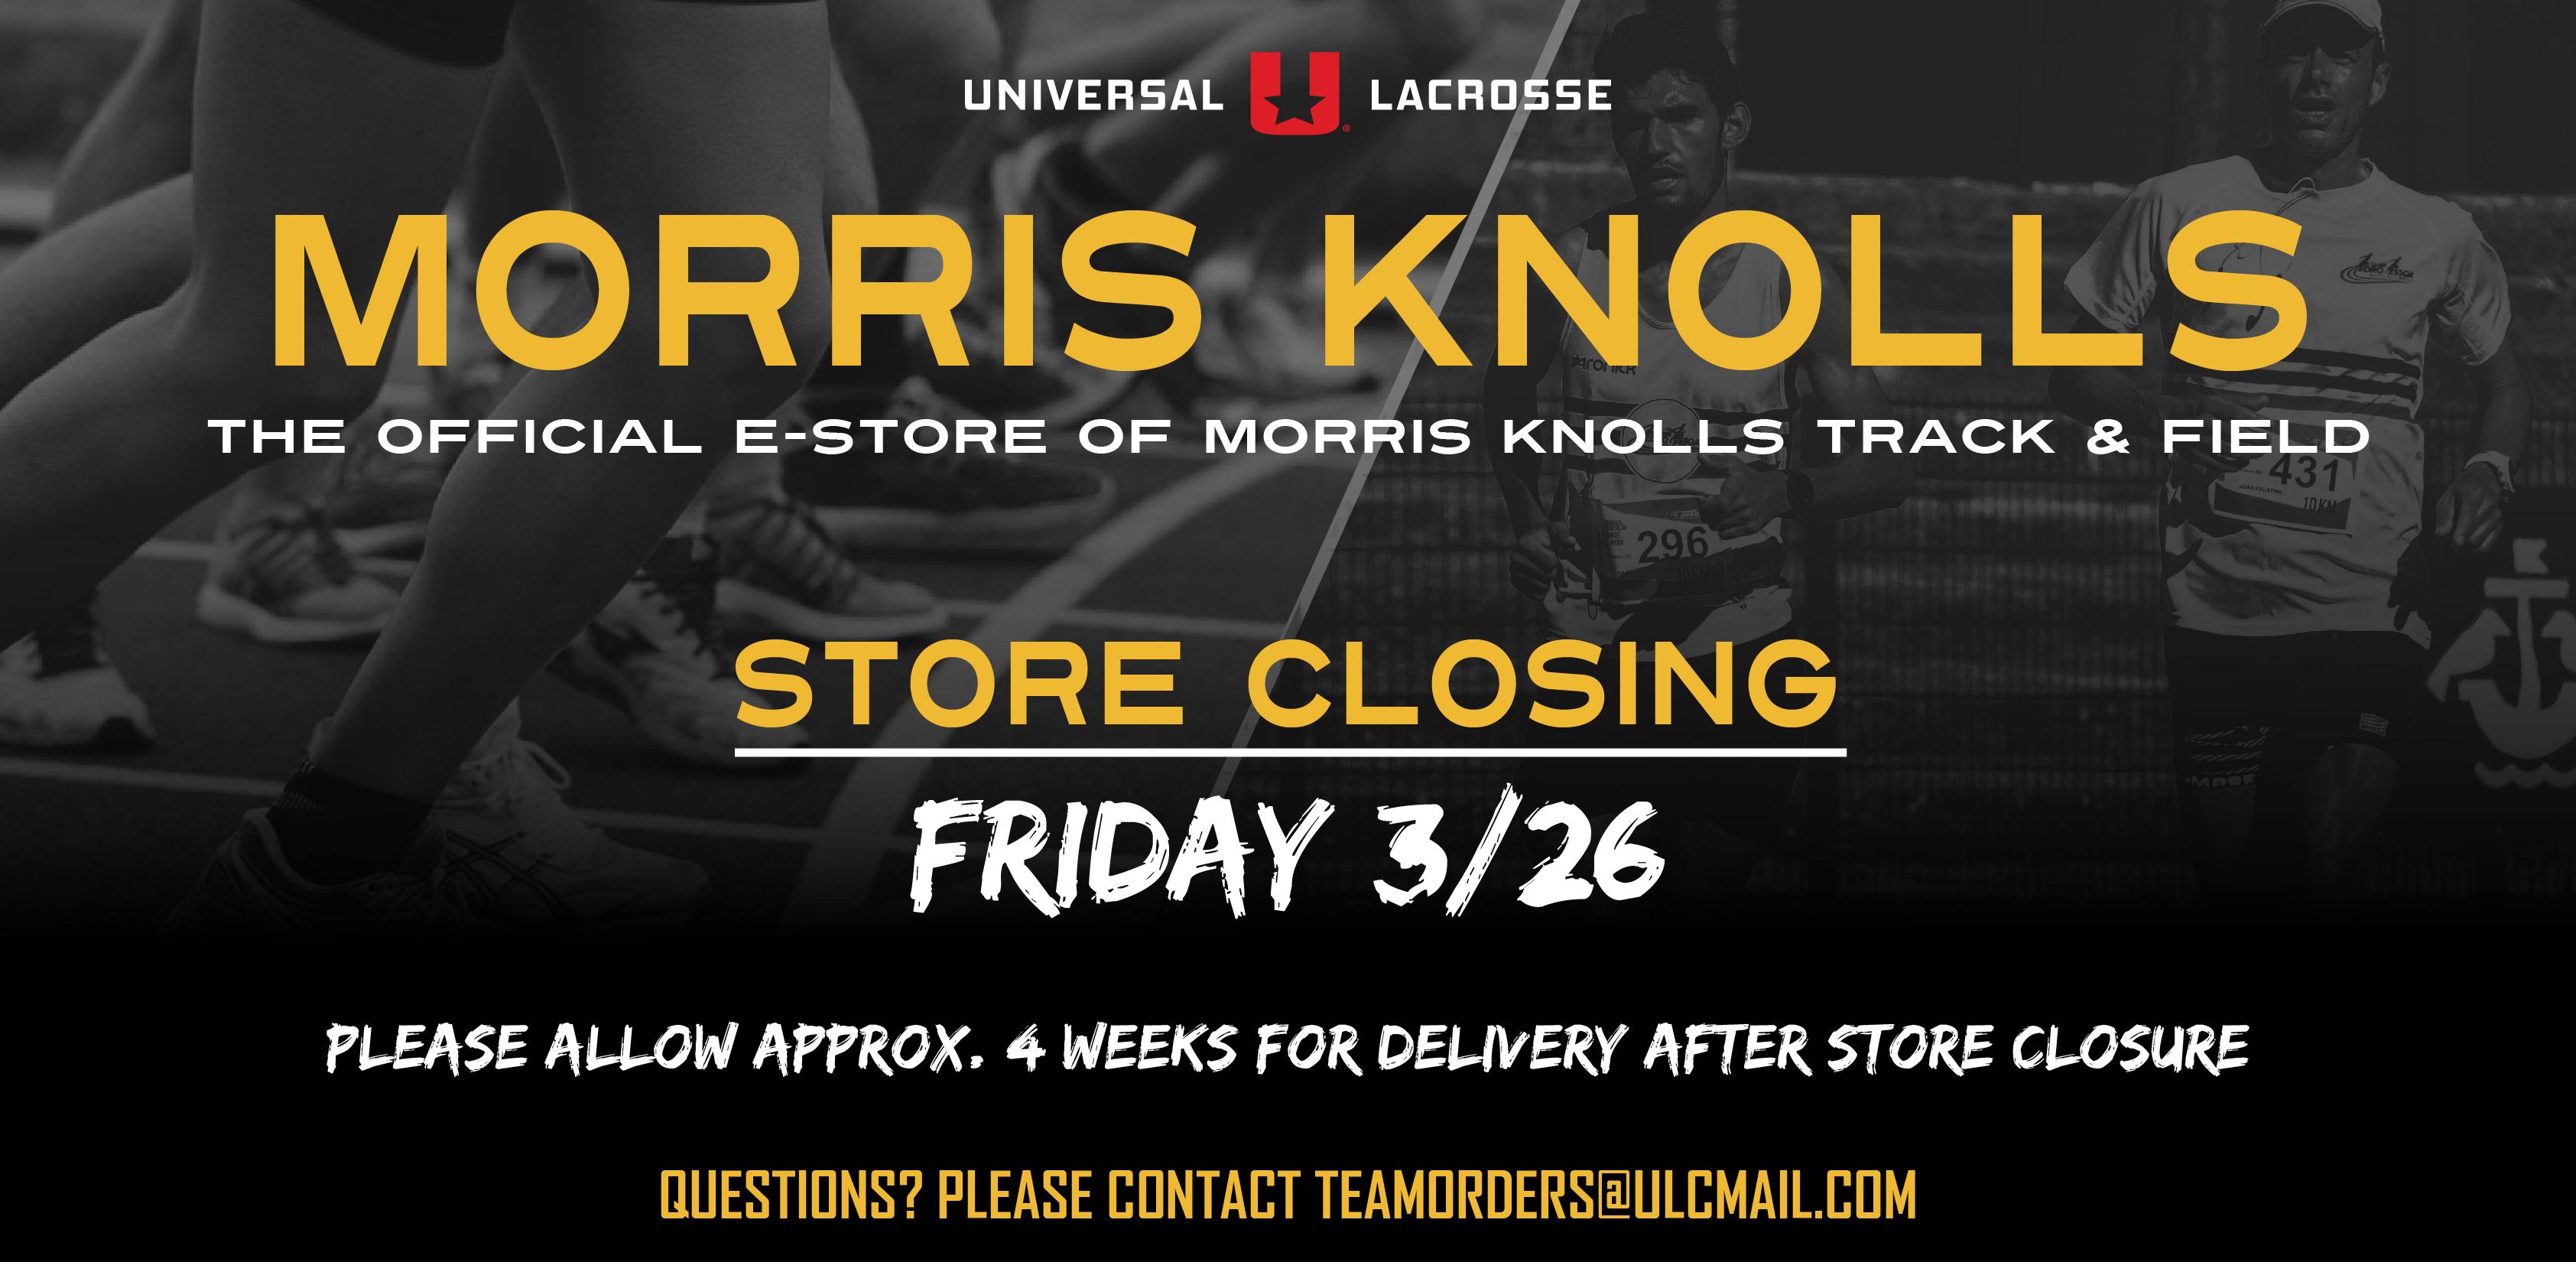 Morris Knolls Track & Field